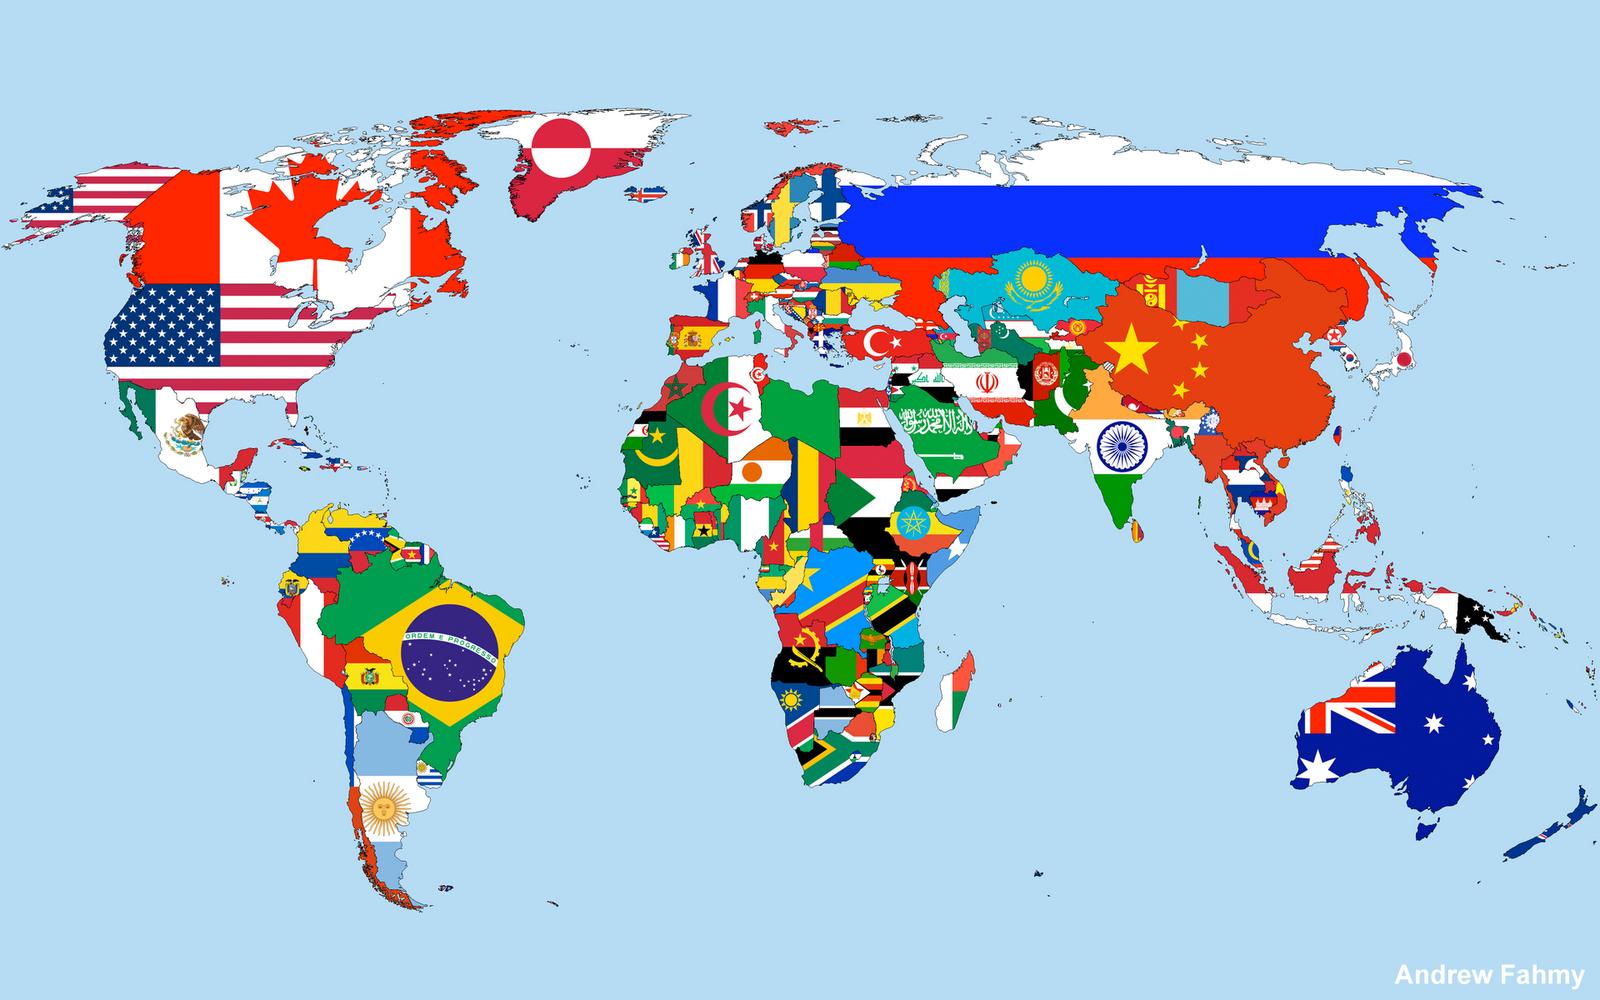 L'Animalerie Numérique: Carte du monde avec les drapeaux